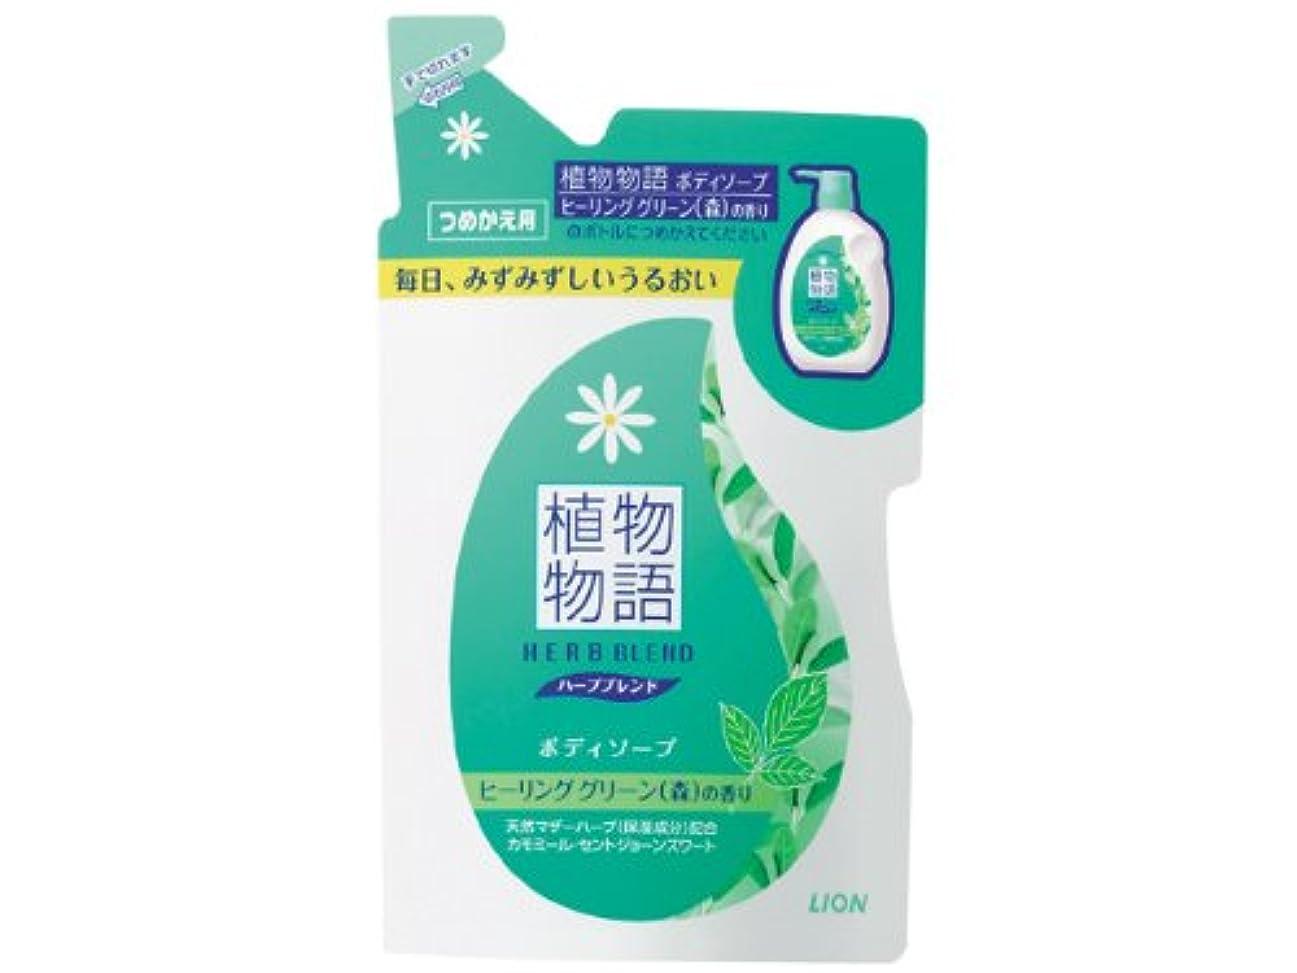 無し選挙保証する植物物語 ハーブブレンド ボディソープ ヒーリンググリーン(森)の香り つめかえ用 420ml